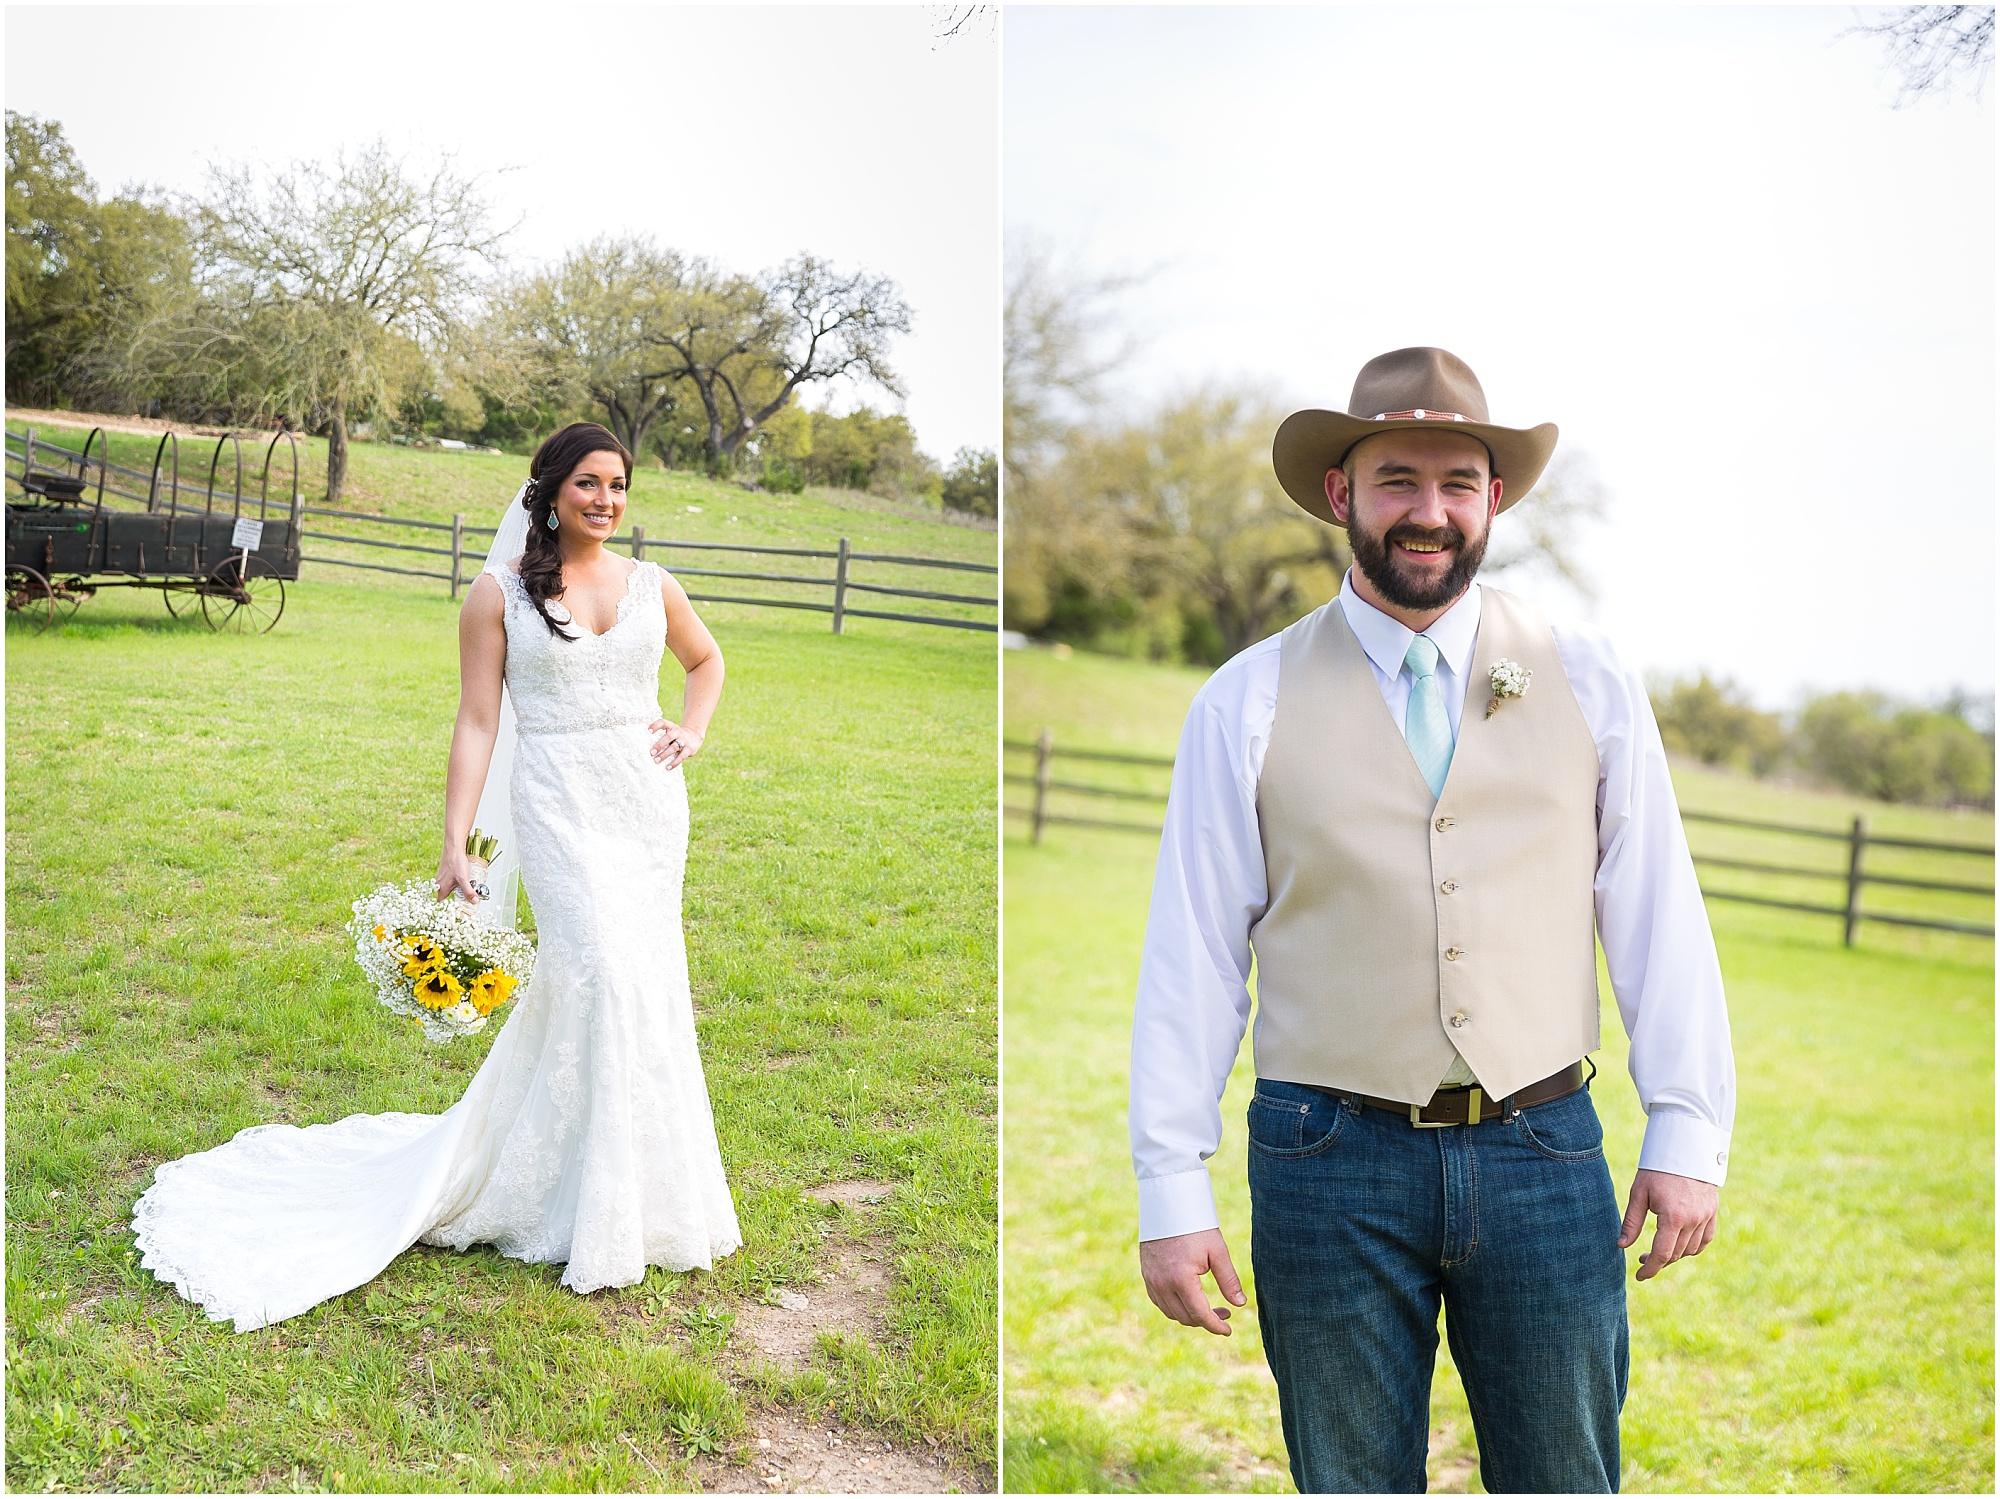 Rustic-Wedding-Peacock-River-Ranch-Gatesville-Texas_0021.jpg